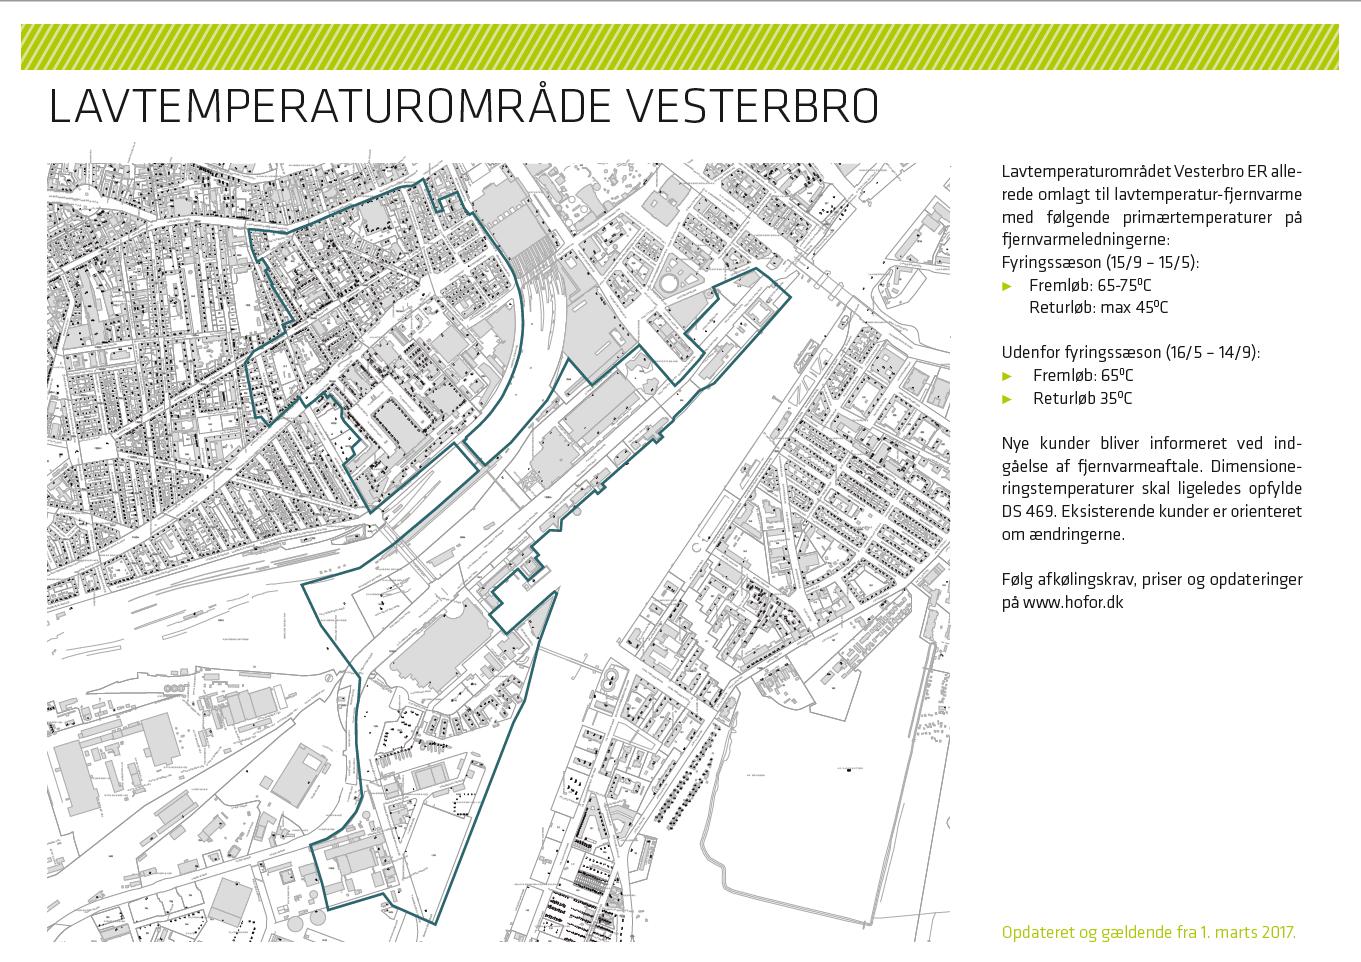 Illustration over lavtemperaturområde med sænket fremløbstemperatur på Vesterbro